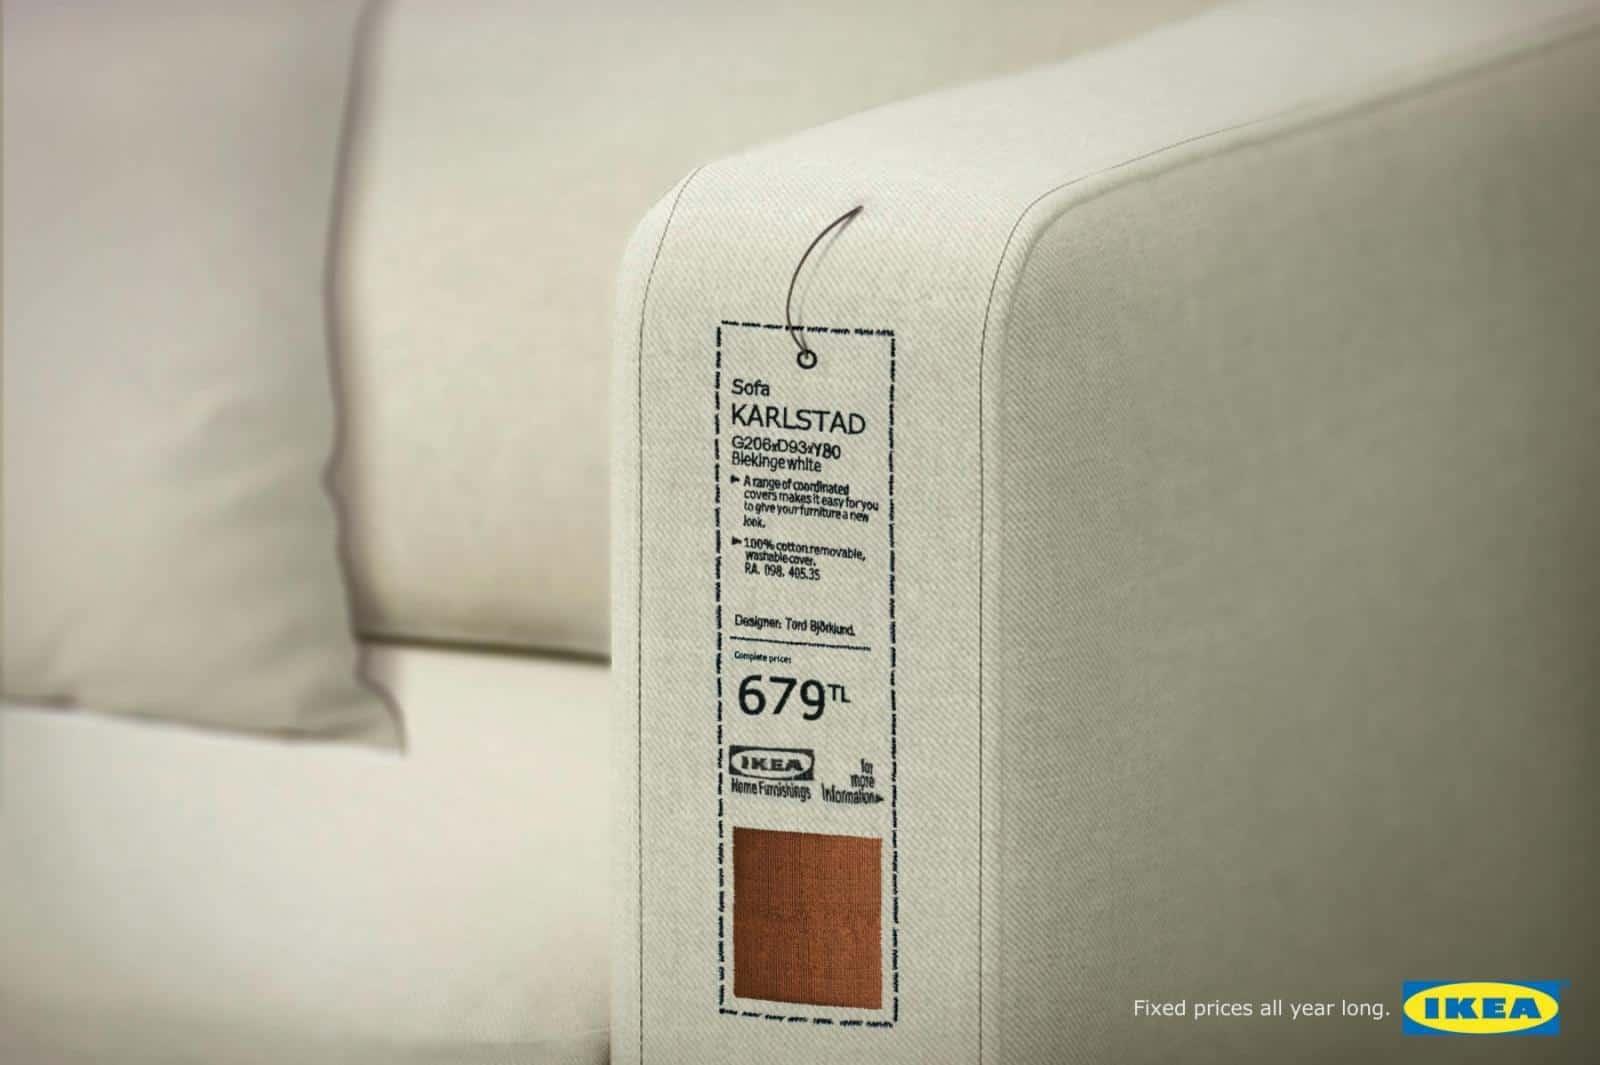 Pub Ikea : prix fixes